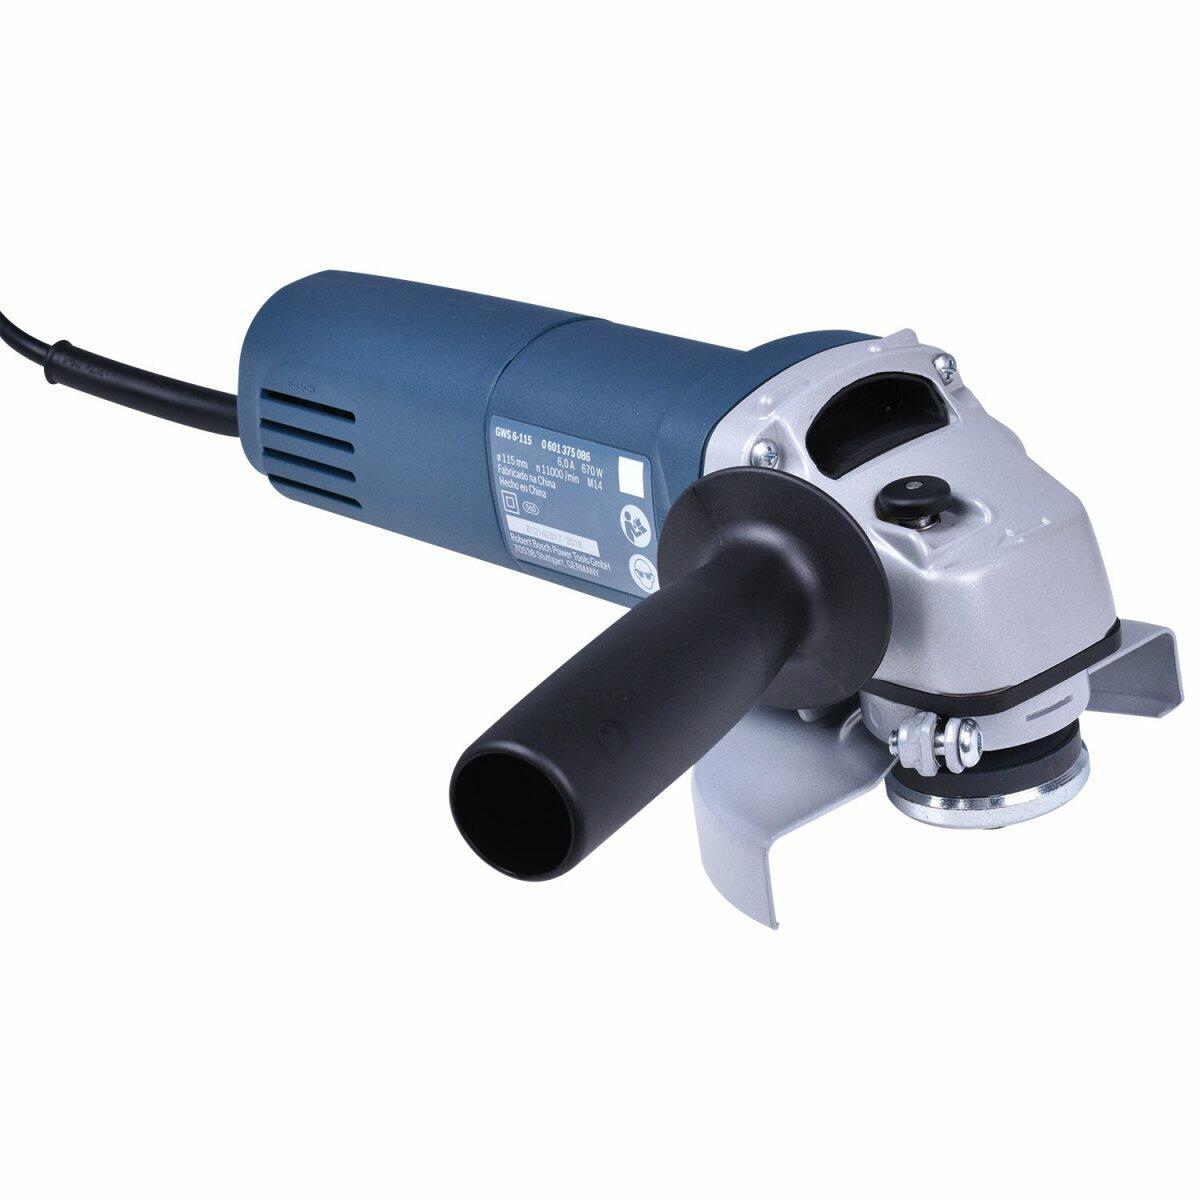 """Esmerilhadeira Angular 4.1/2"""" 670W GWS6-115 Bosch - 127V"""